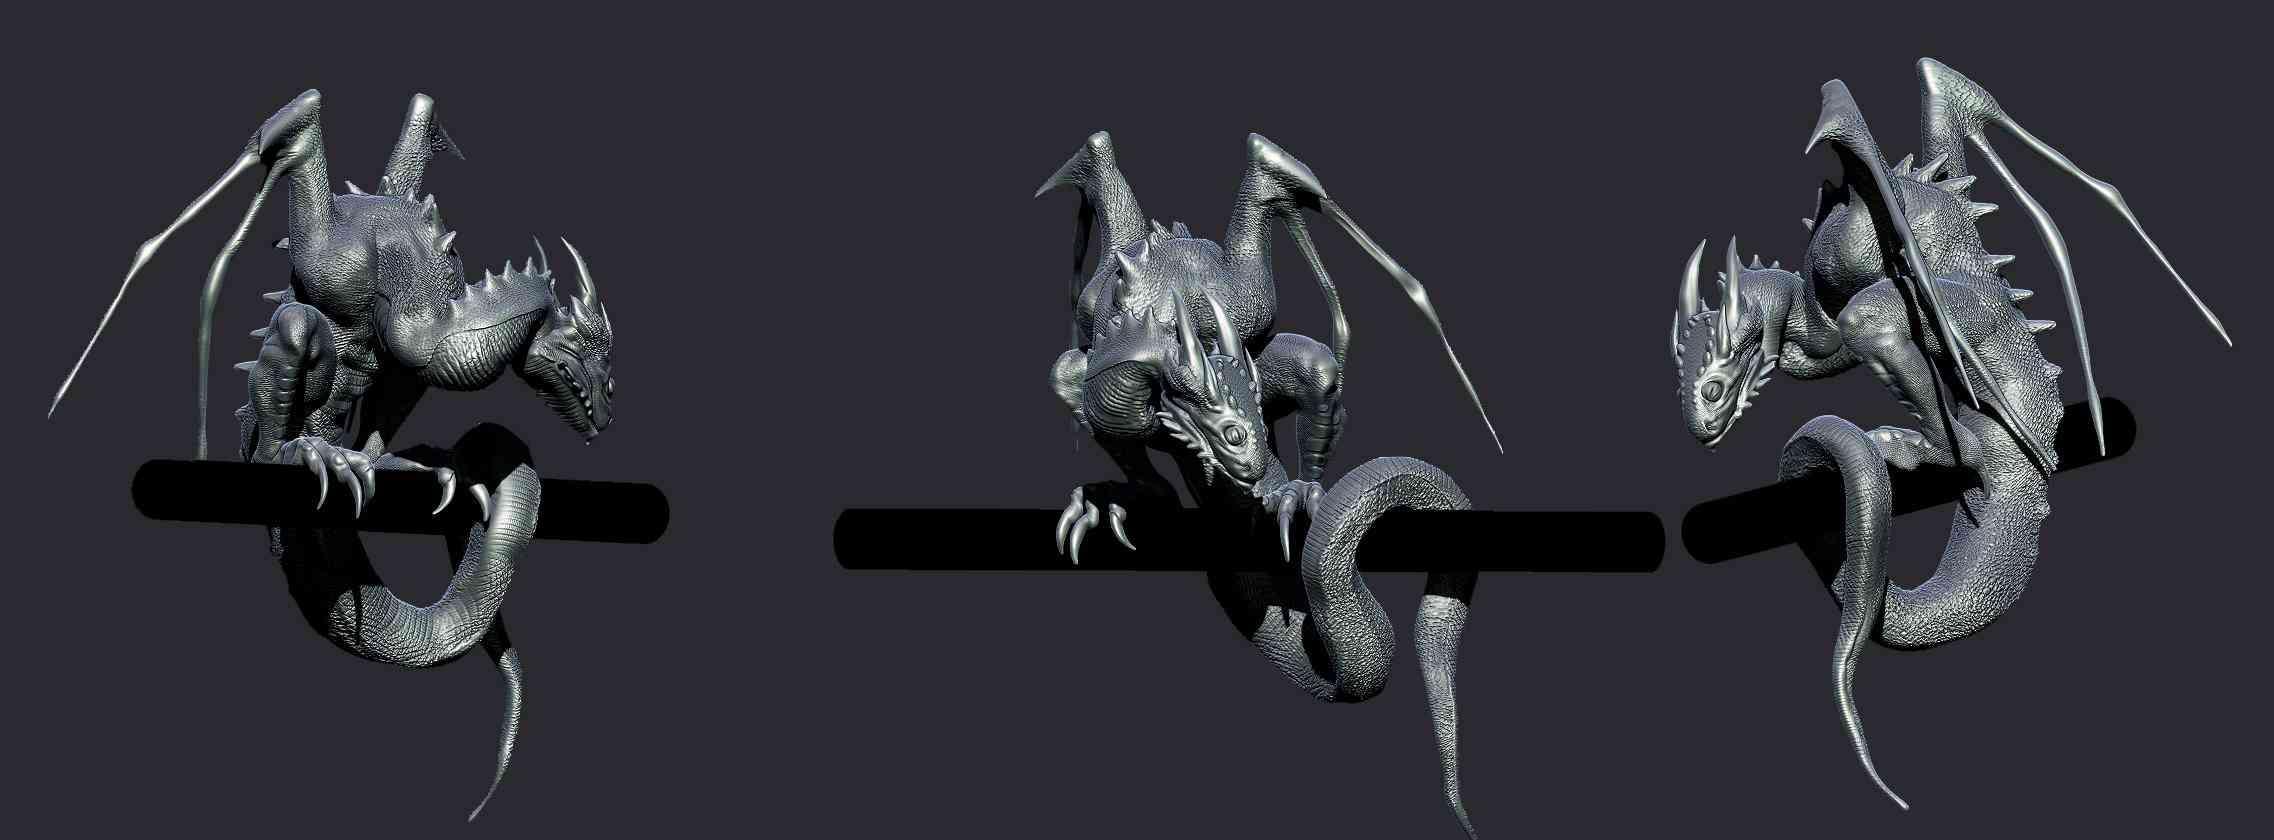 DGp1 Angelus   O filhote de dragão